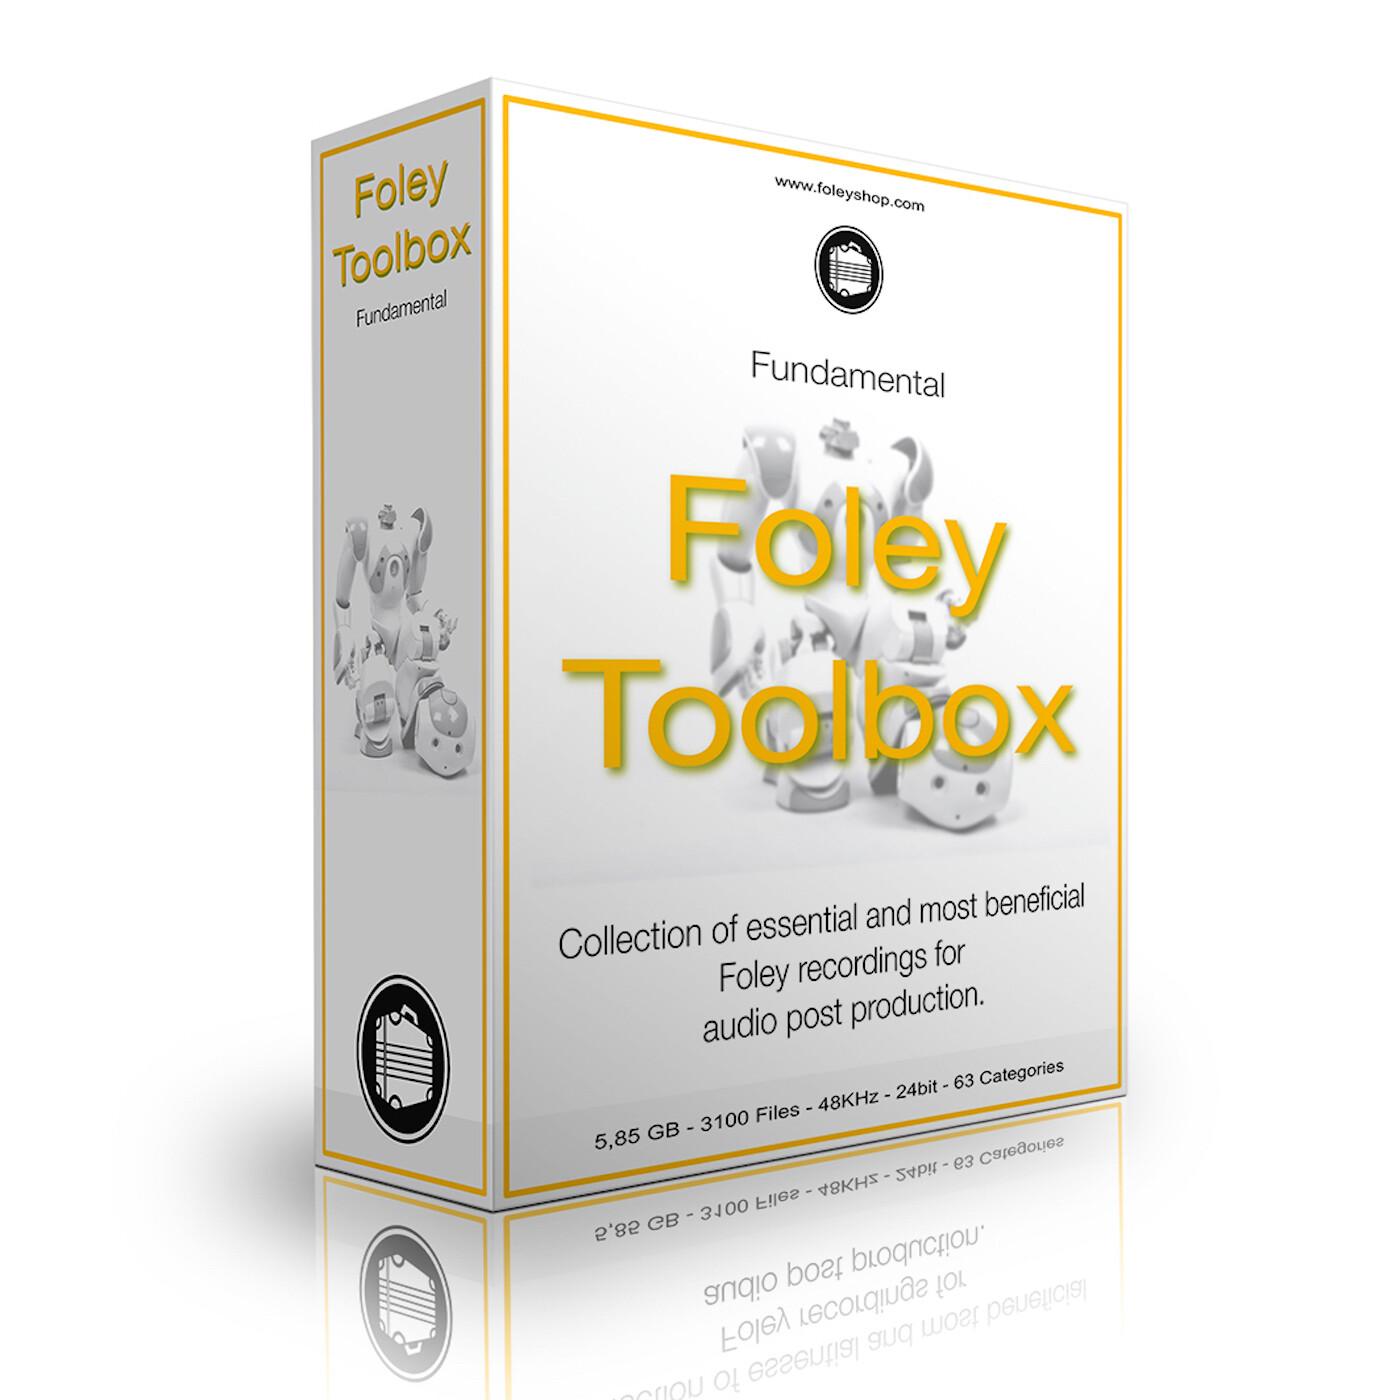 Foley Toolbox